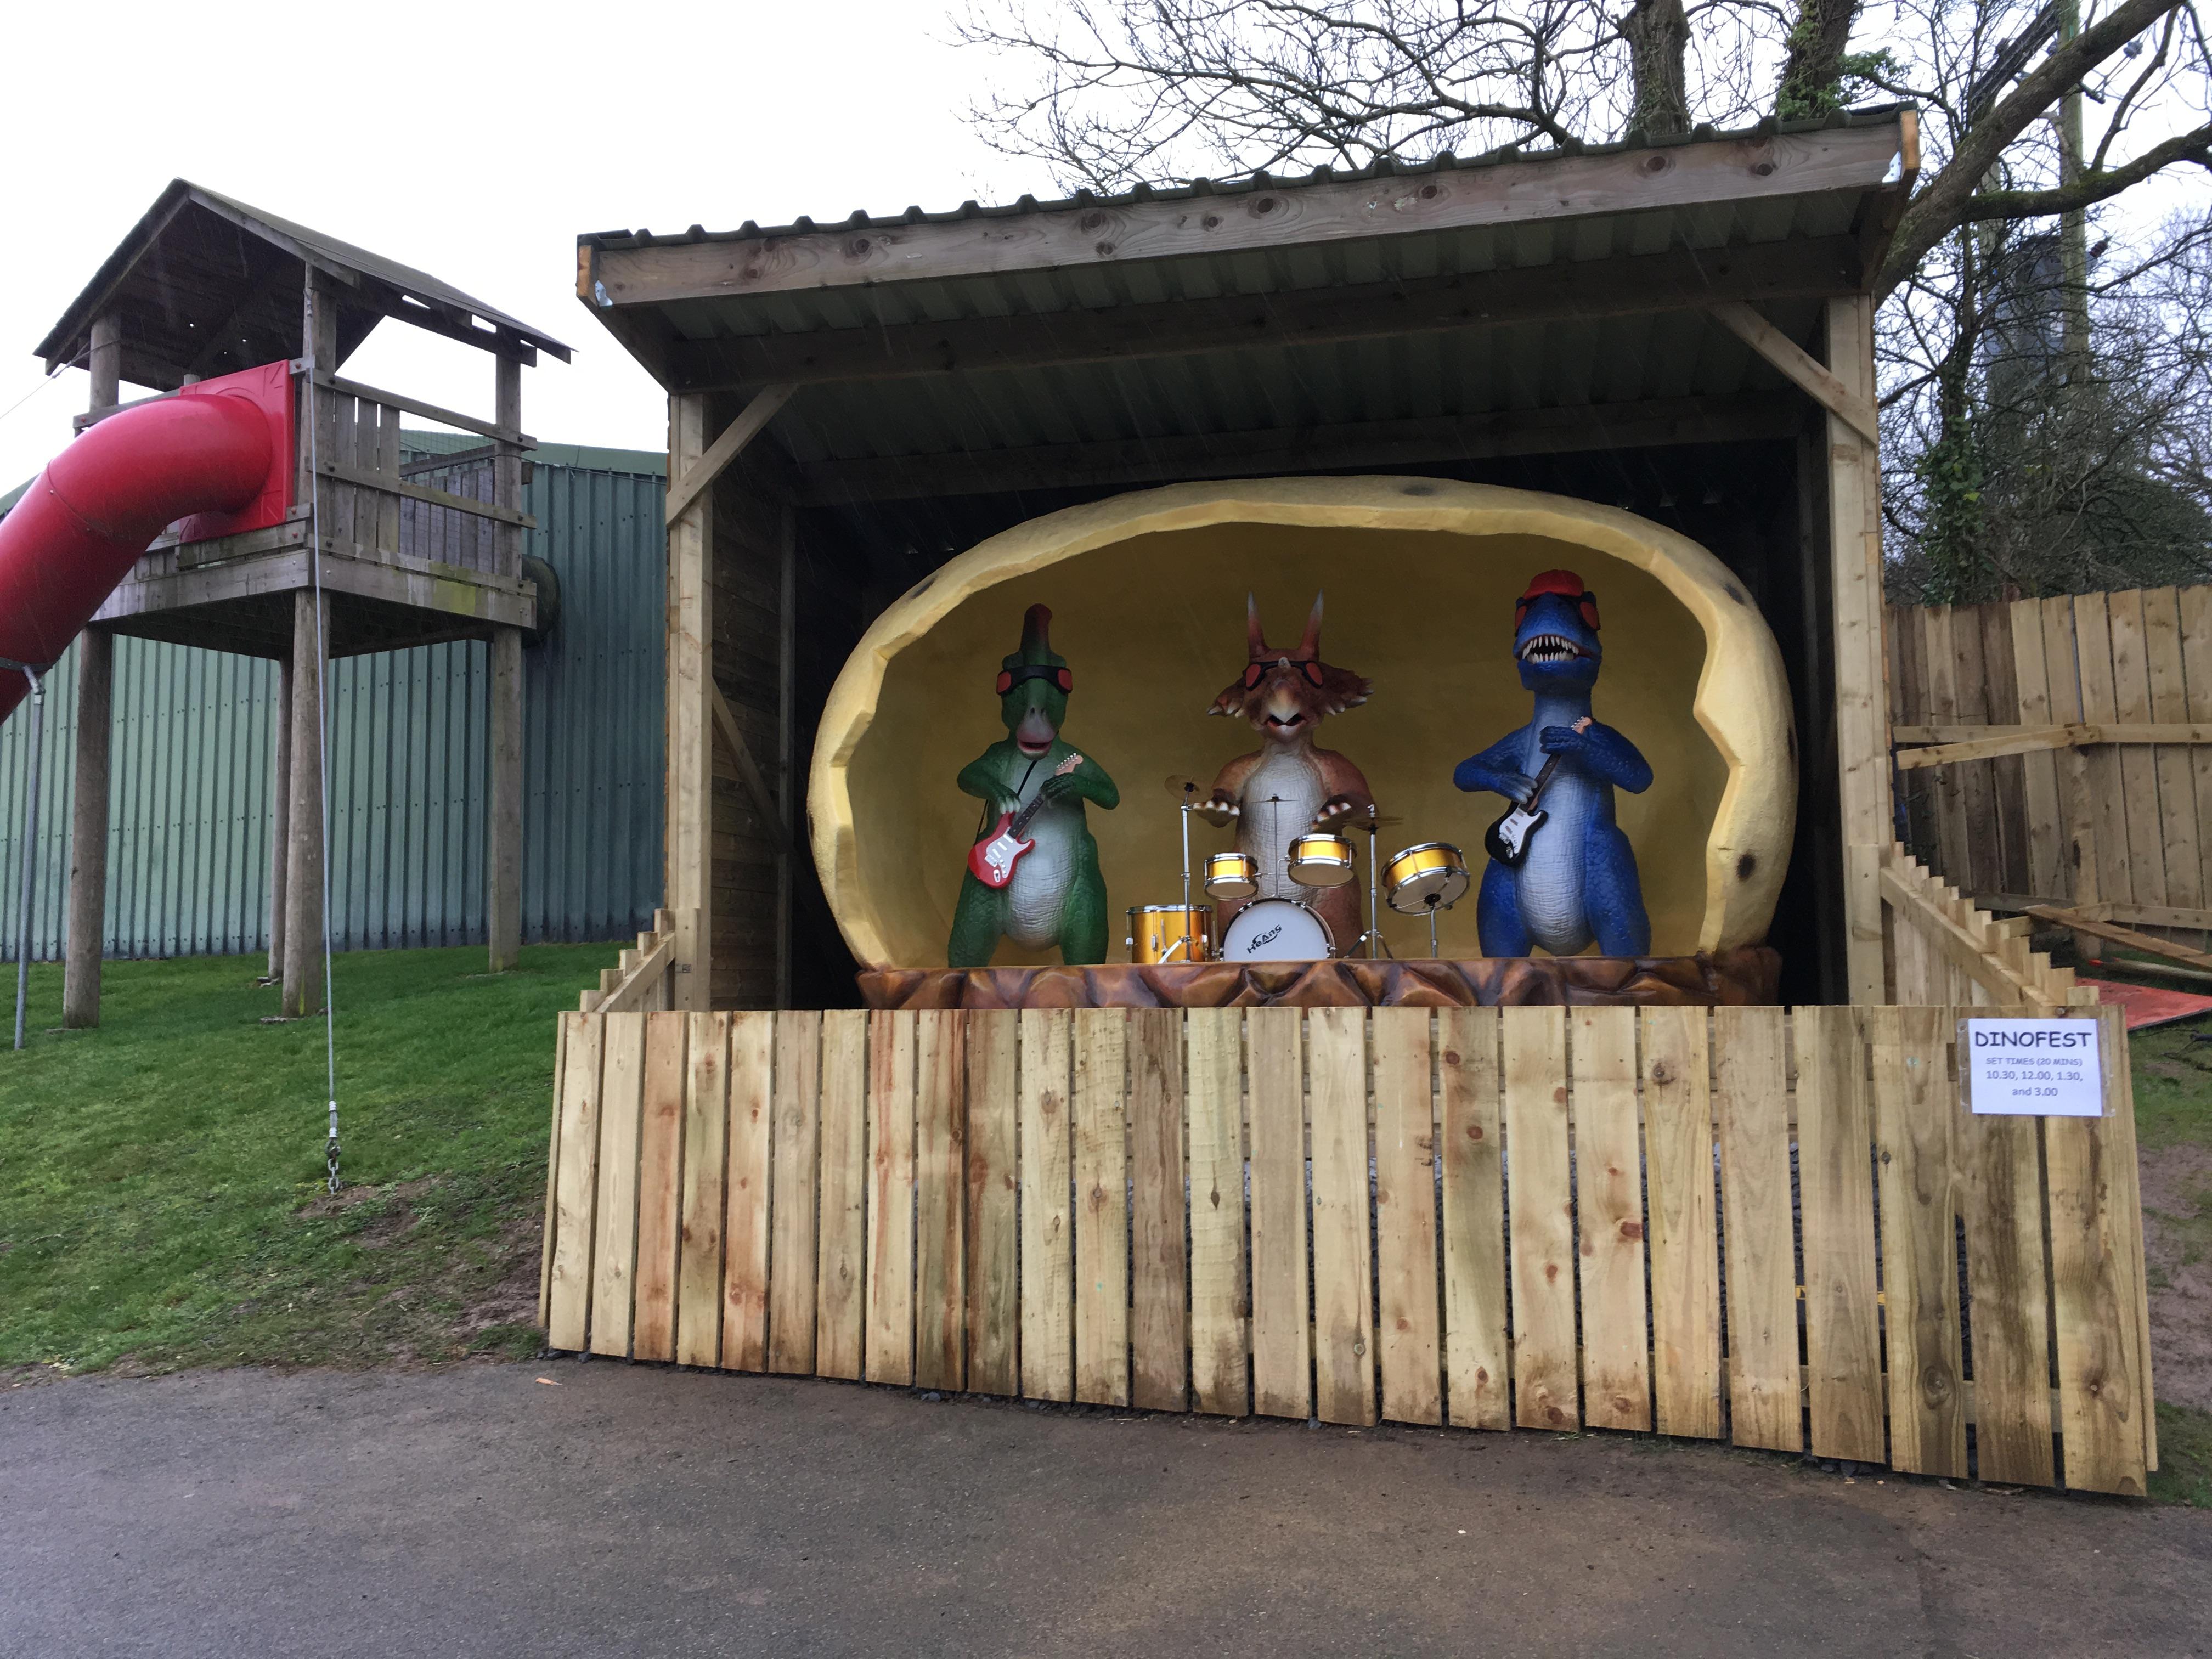 Dinofest Dinosaur Park Tenby